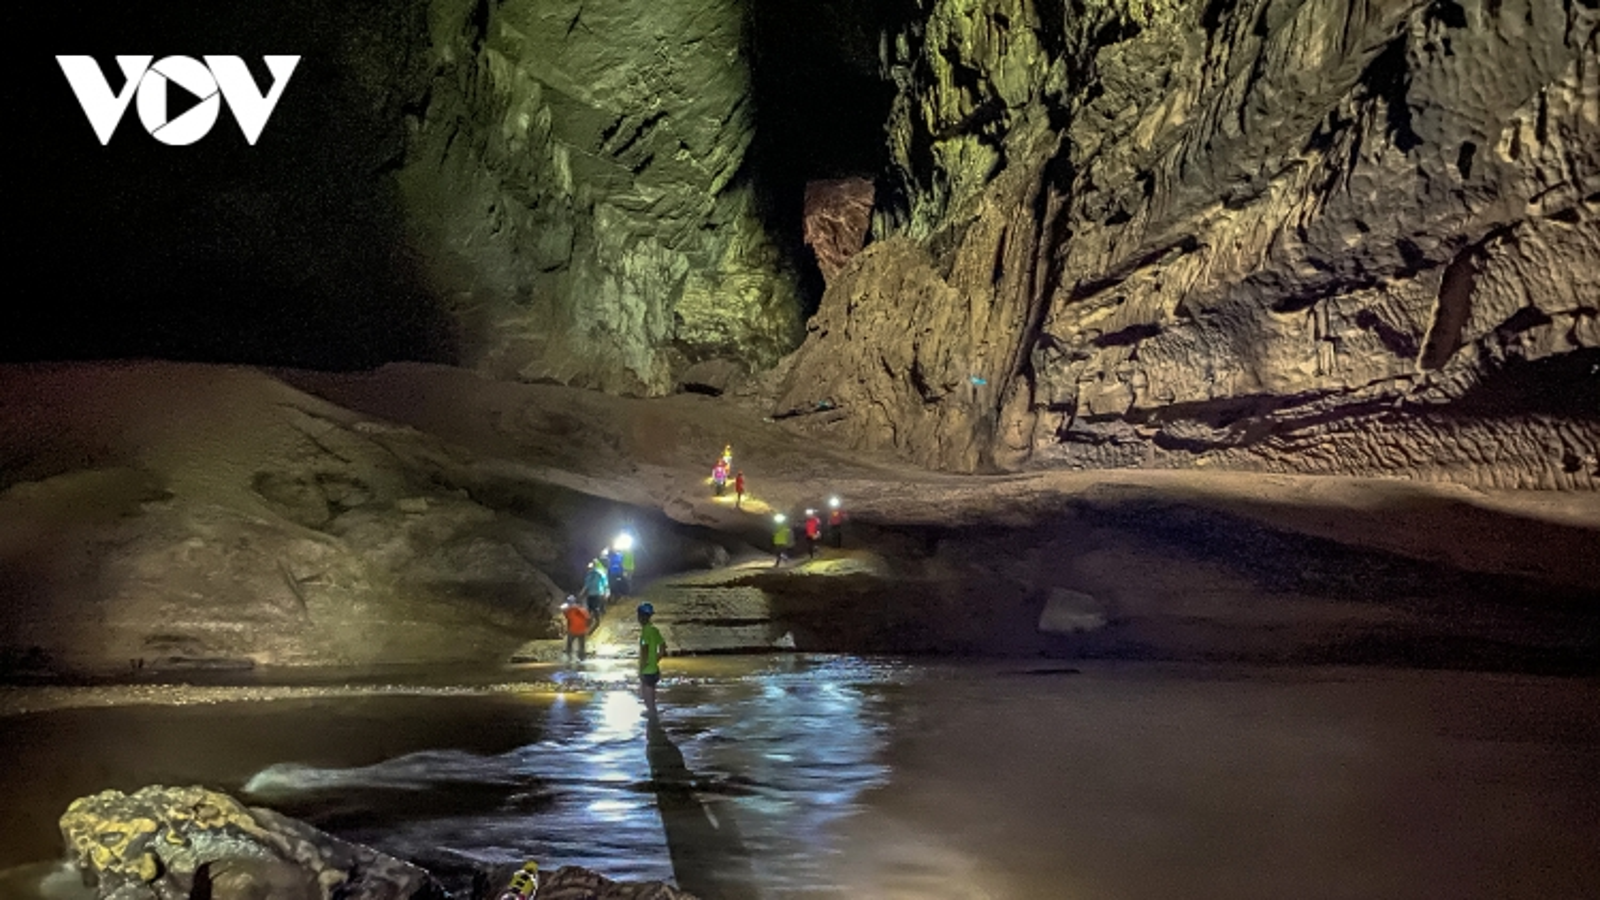 Tour hang Én, Tú Làn giảm 50% cho đến ngày 15/7